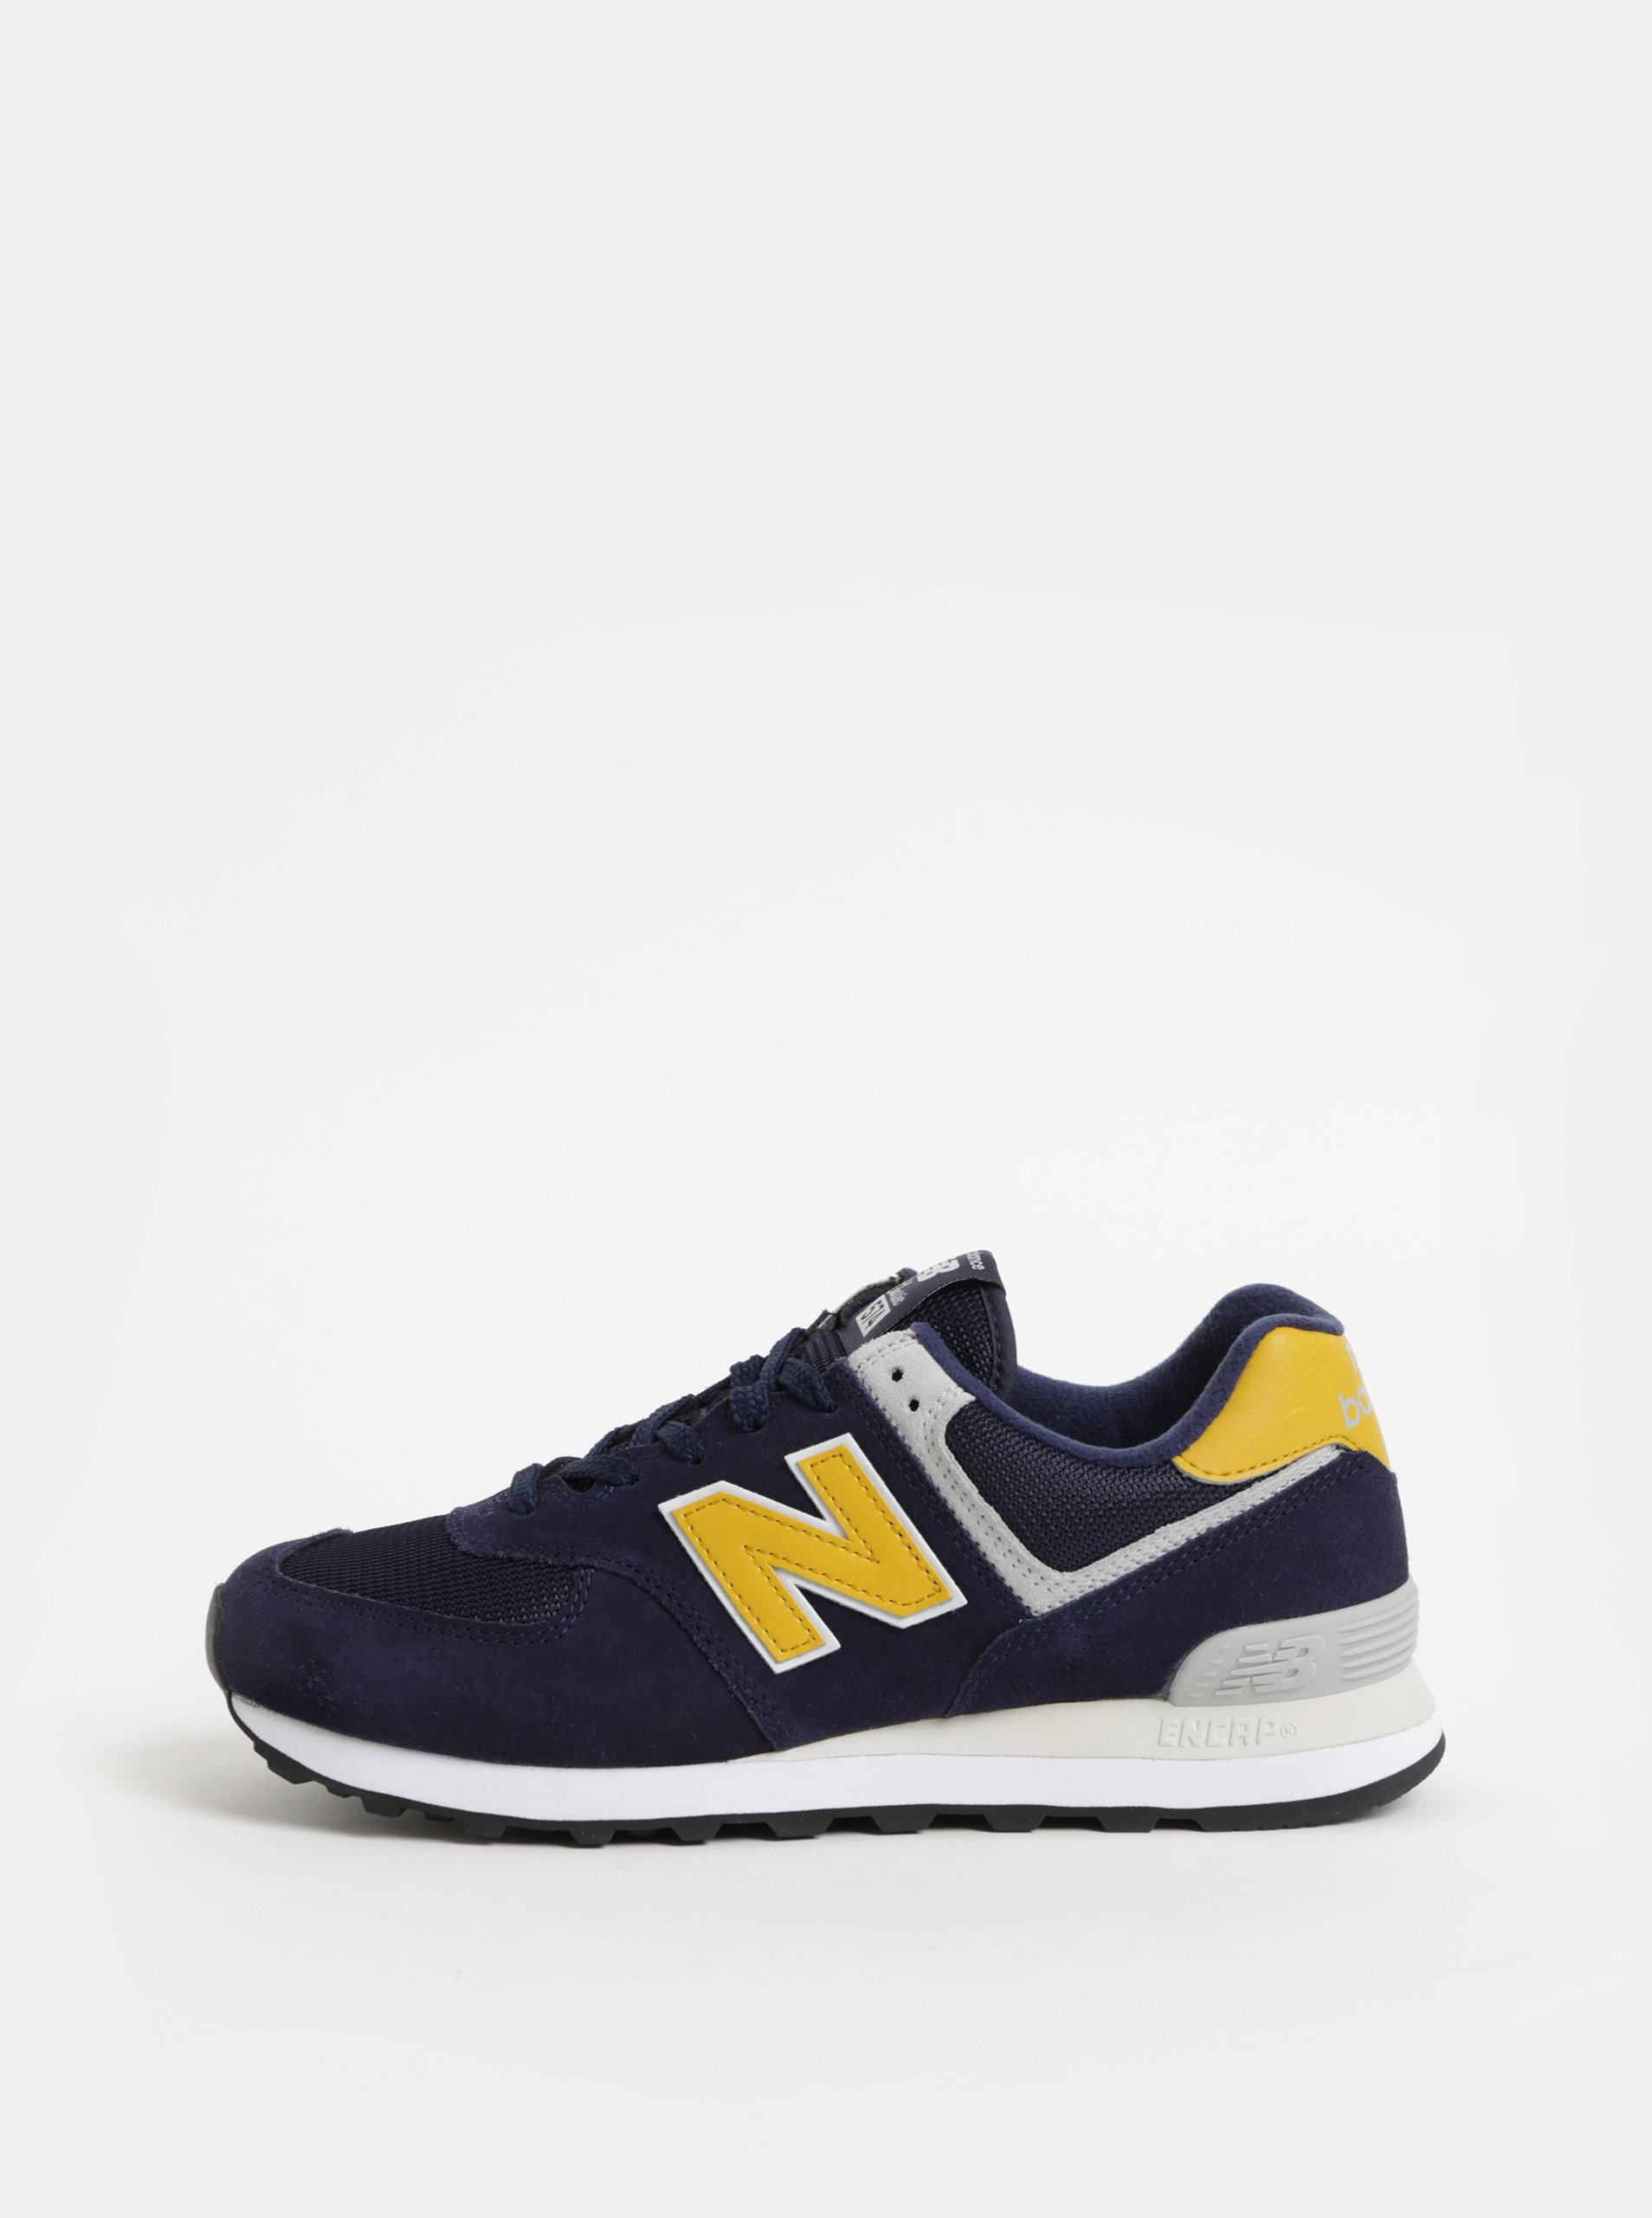 5f520433d869c Modré pánske semišové tenisky New Balance 574